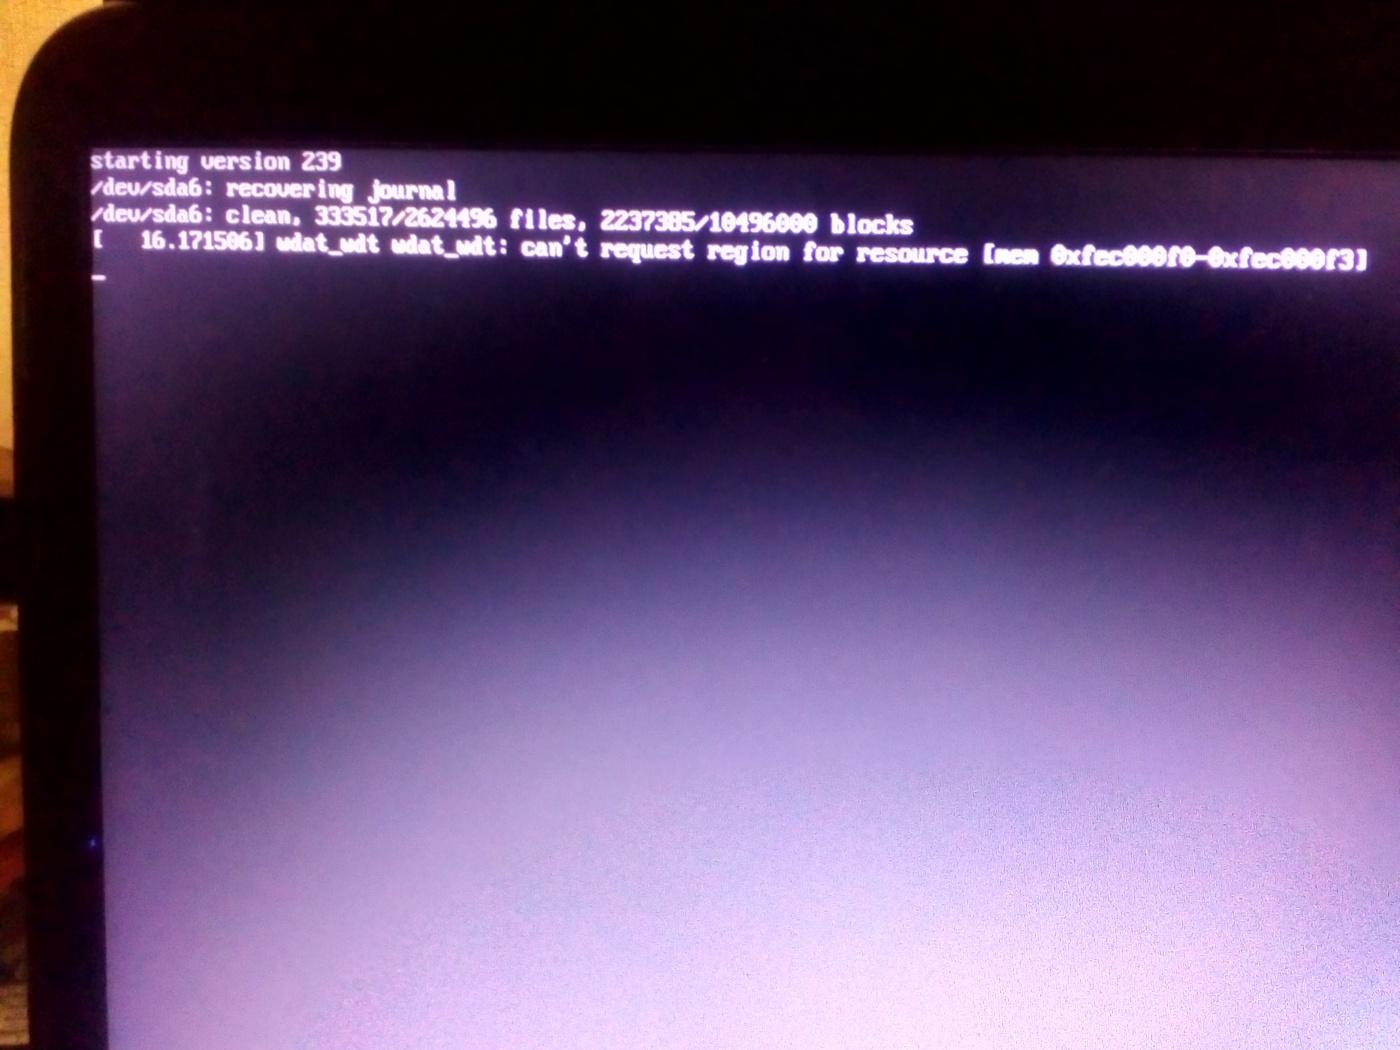 Ядро & Оборудование: Manjaro Deepin (17.1.11). Драйвера AMD